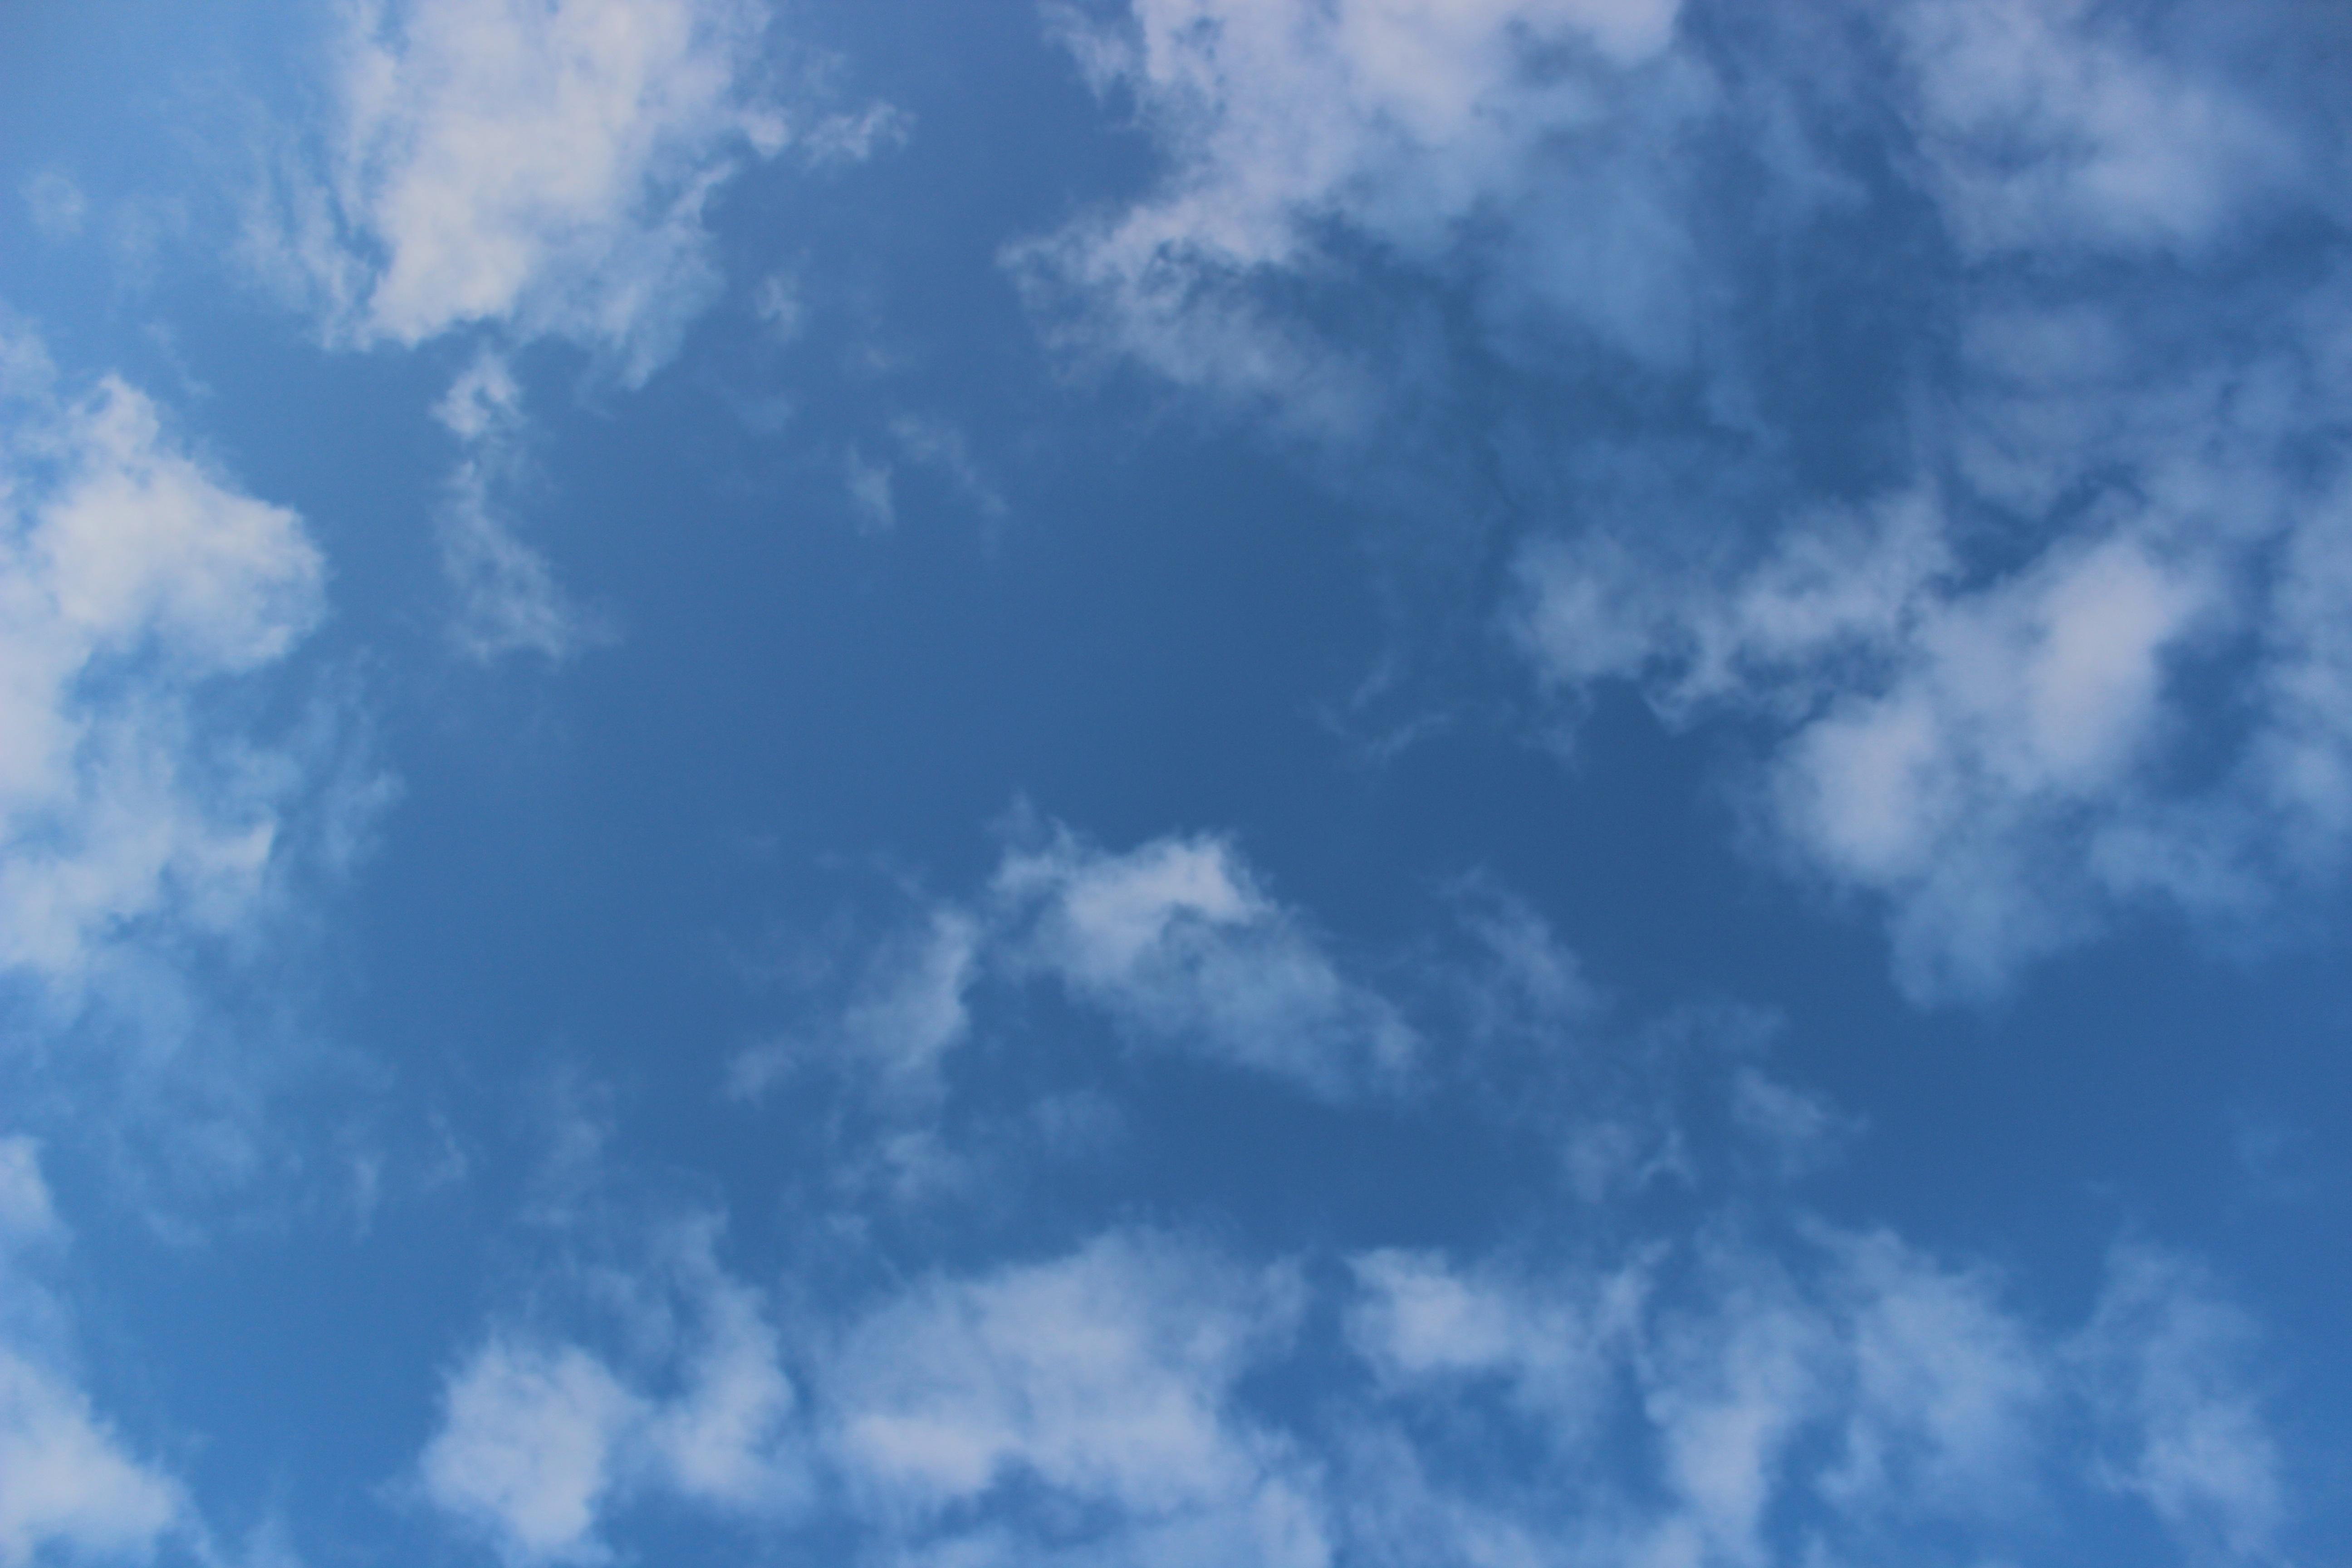 Fotoğraf Doğa ışık Bulut Beyaz Sabah Görünüm Atmosfer